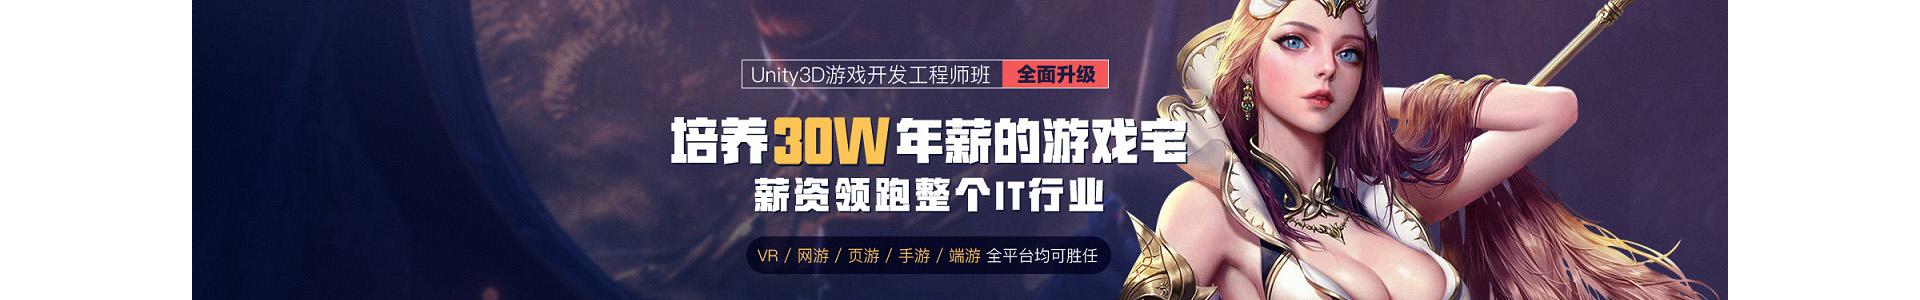 上海火星時代影視剪輯培訓機構